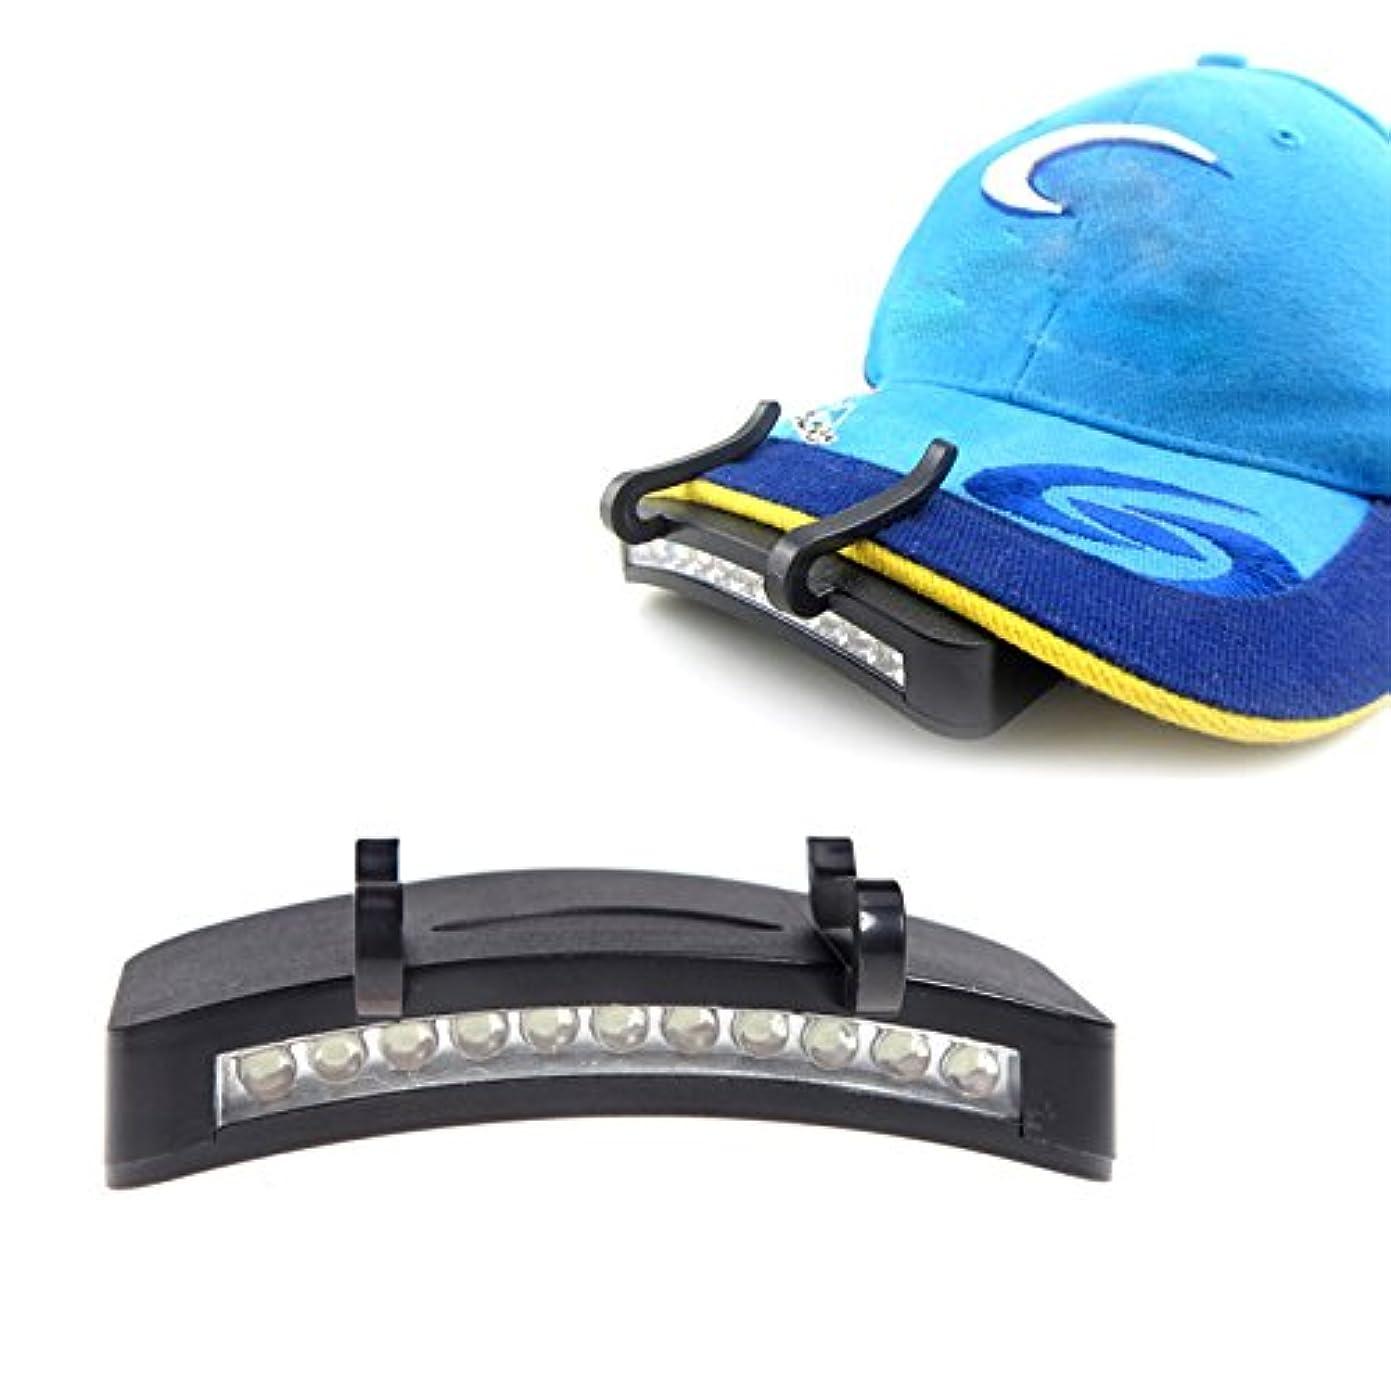 耐える満足できるはずGressu(TM)11 LED Caplightのクリップオンキャップクリップライトヘッドライトヘッドライトアウトドアサイクリングハイキングキャンプ夜釣りの修理車のヘッドトーチ